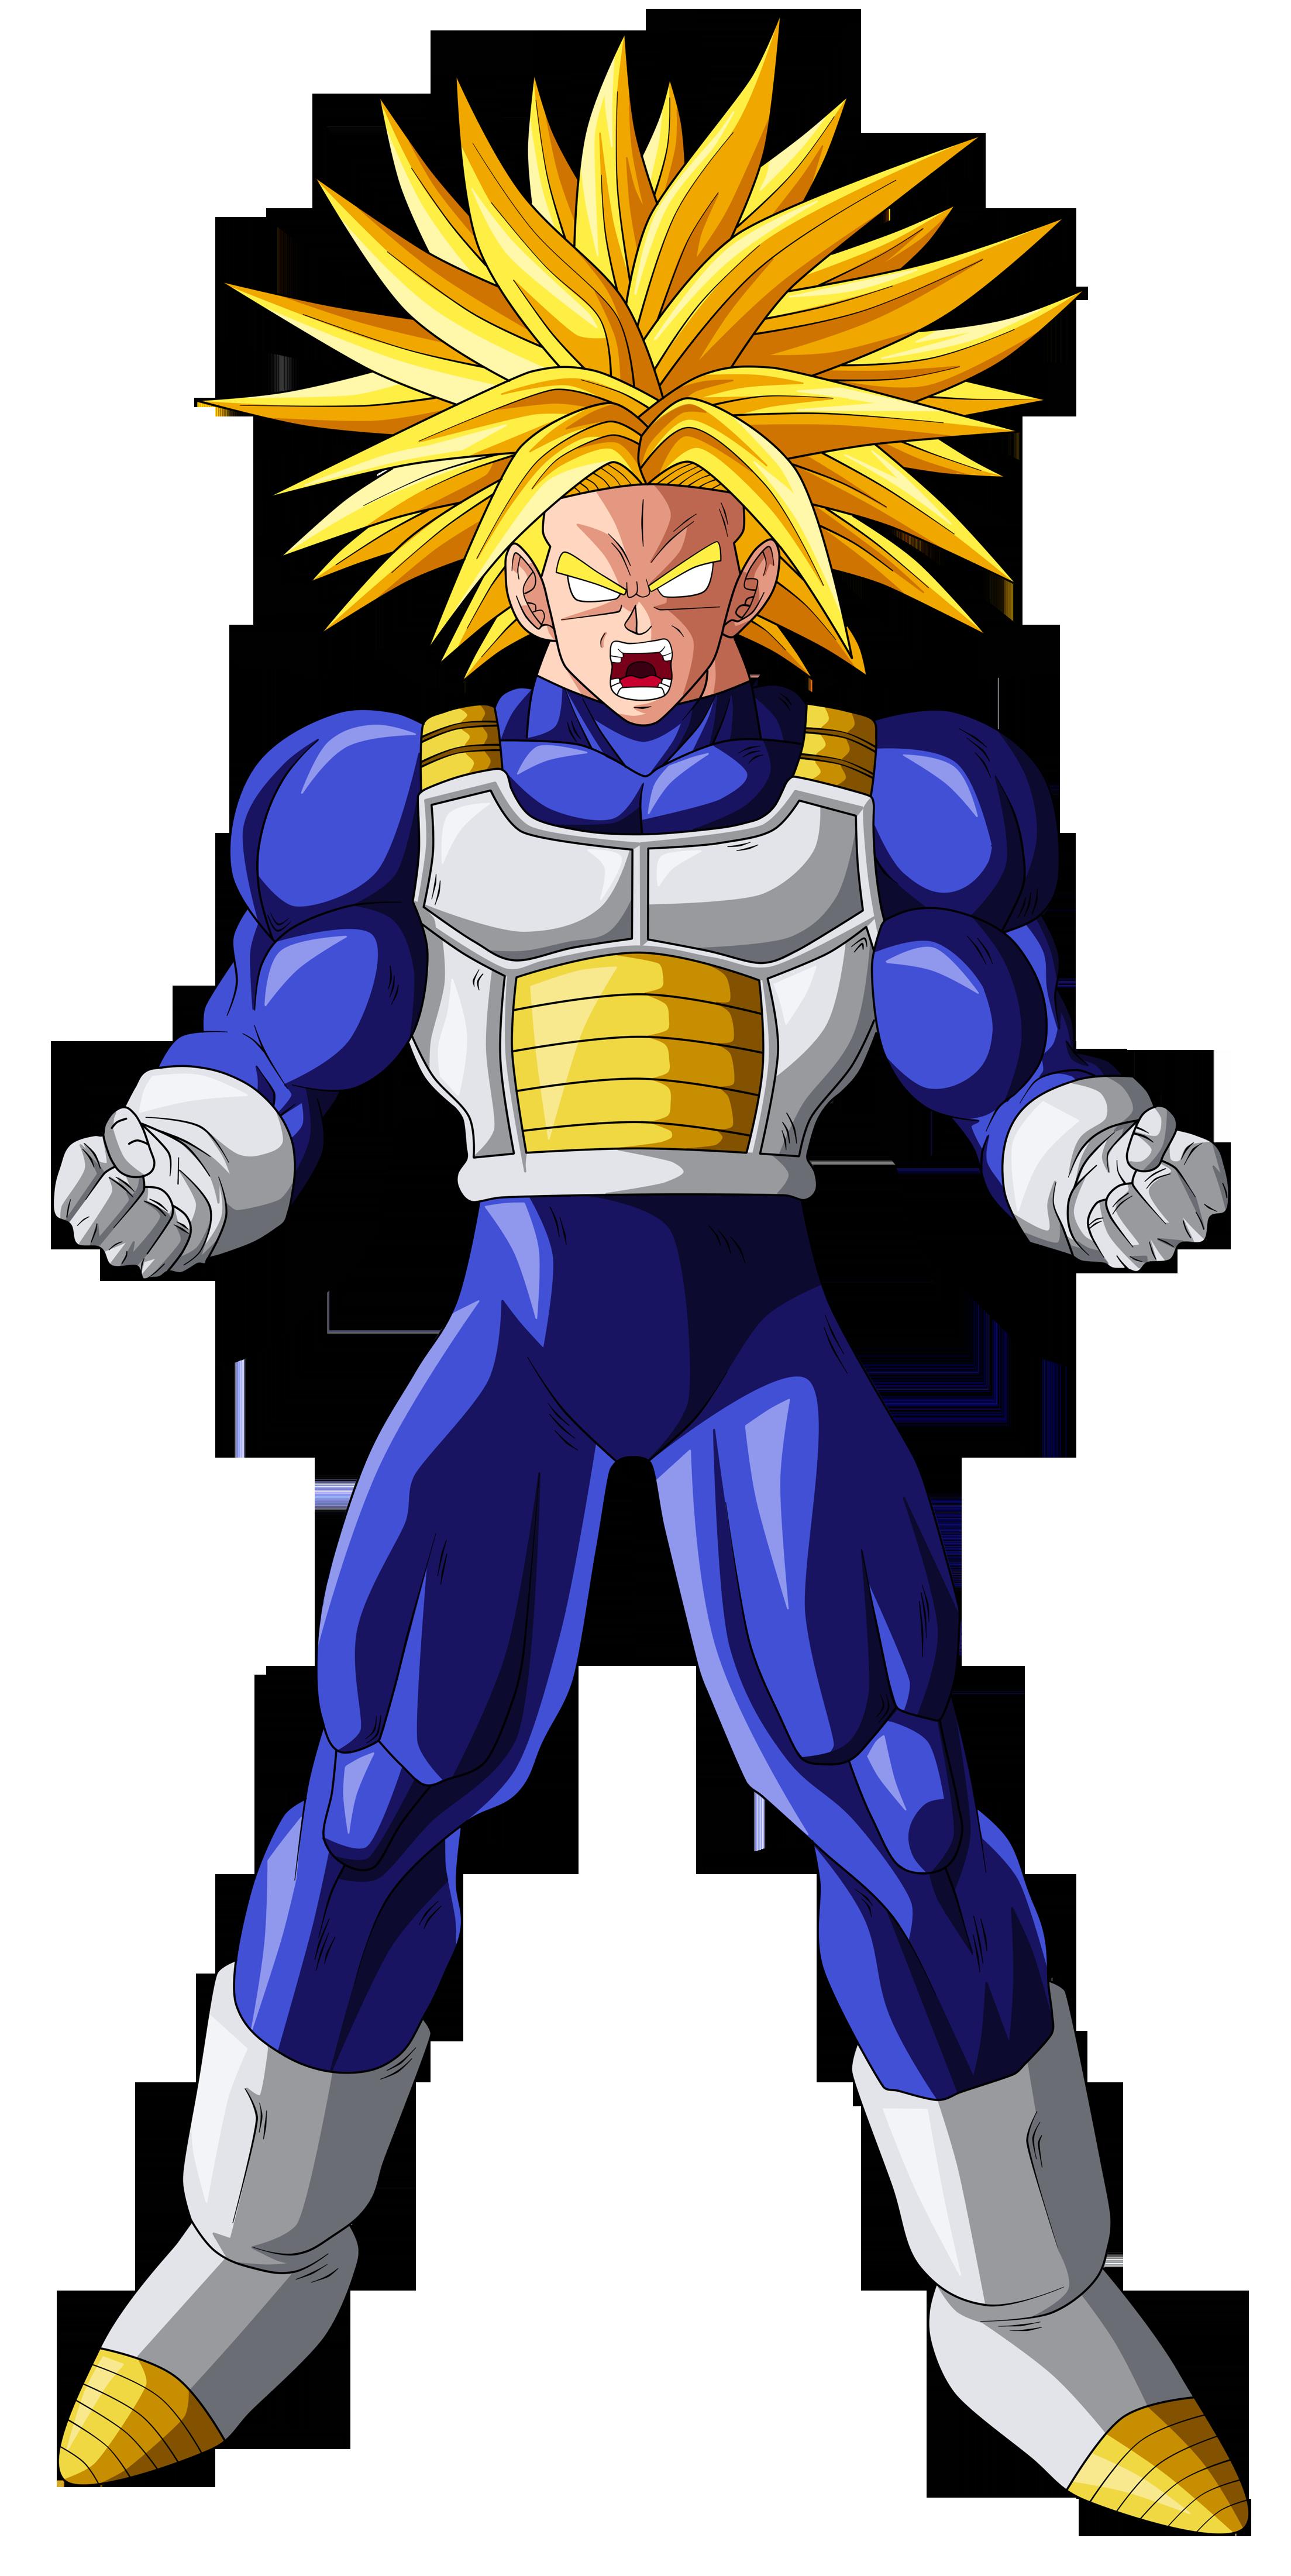 Trunks Super Saiyan (ultra) by OriginalSuperSaiyan on ...